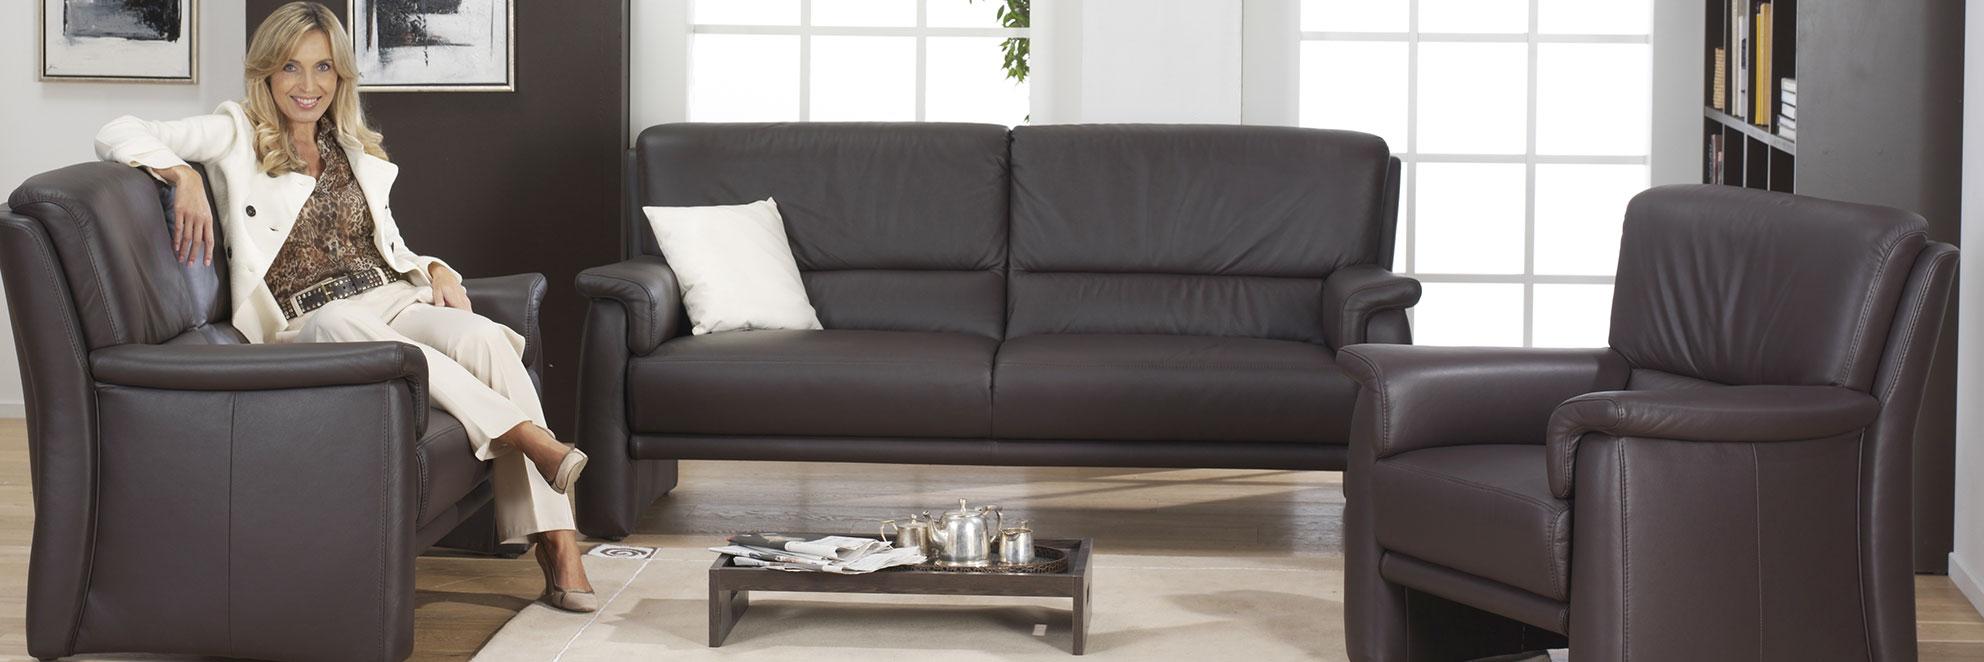 himolla home center. Black Bedroom Furniture Sets. Home Design Ideas